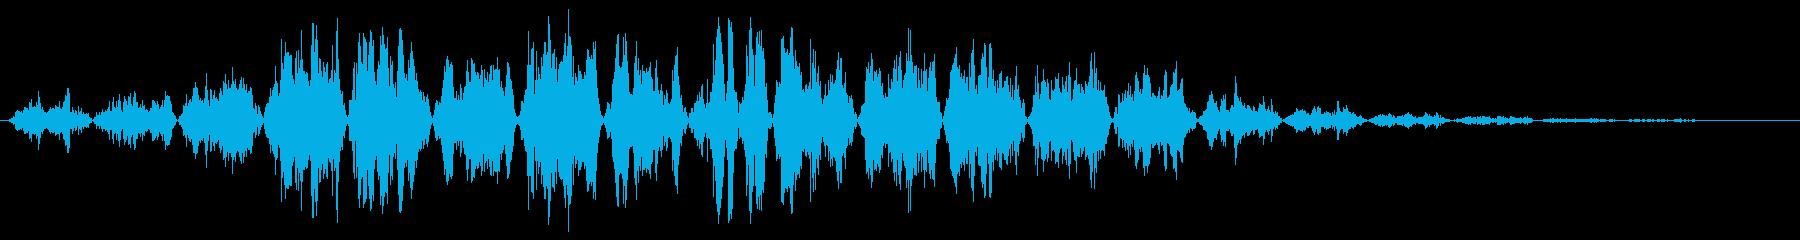 シュワシュワ〜(風切り音、通過音)の再生済みの波形